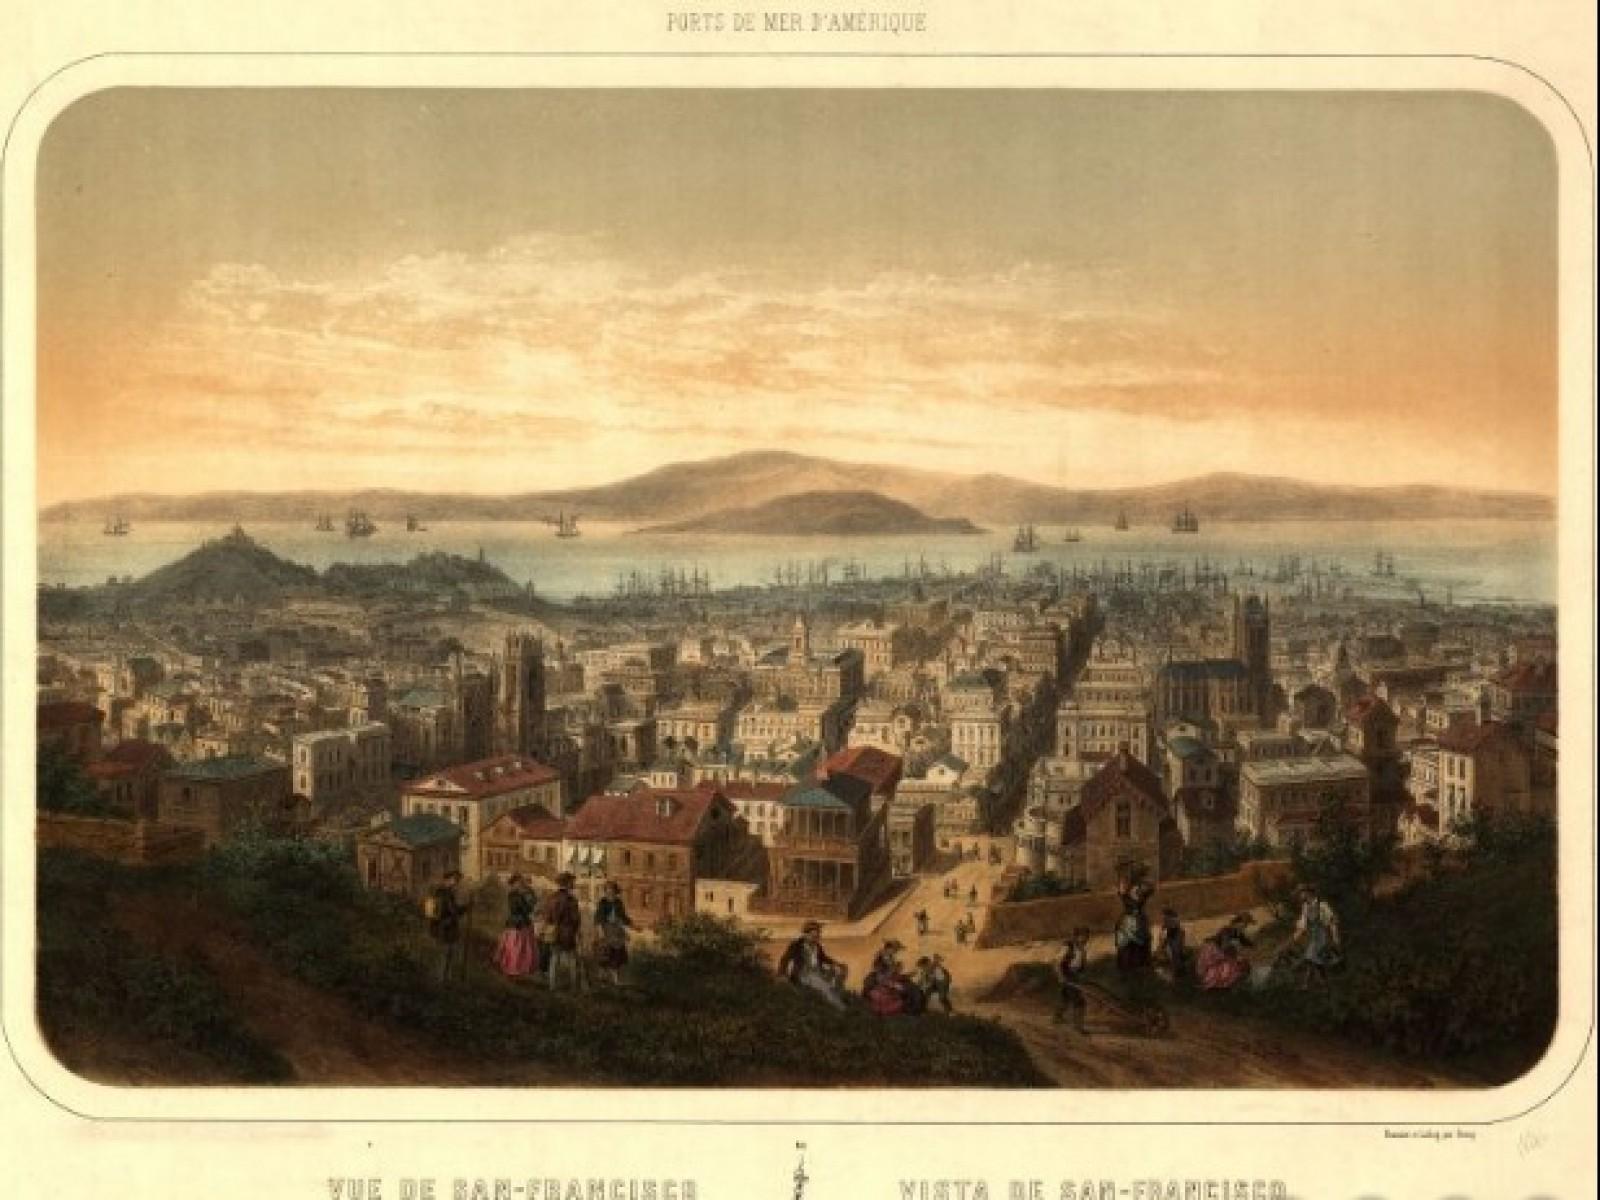 San Francisco circa 1860